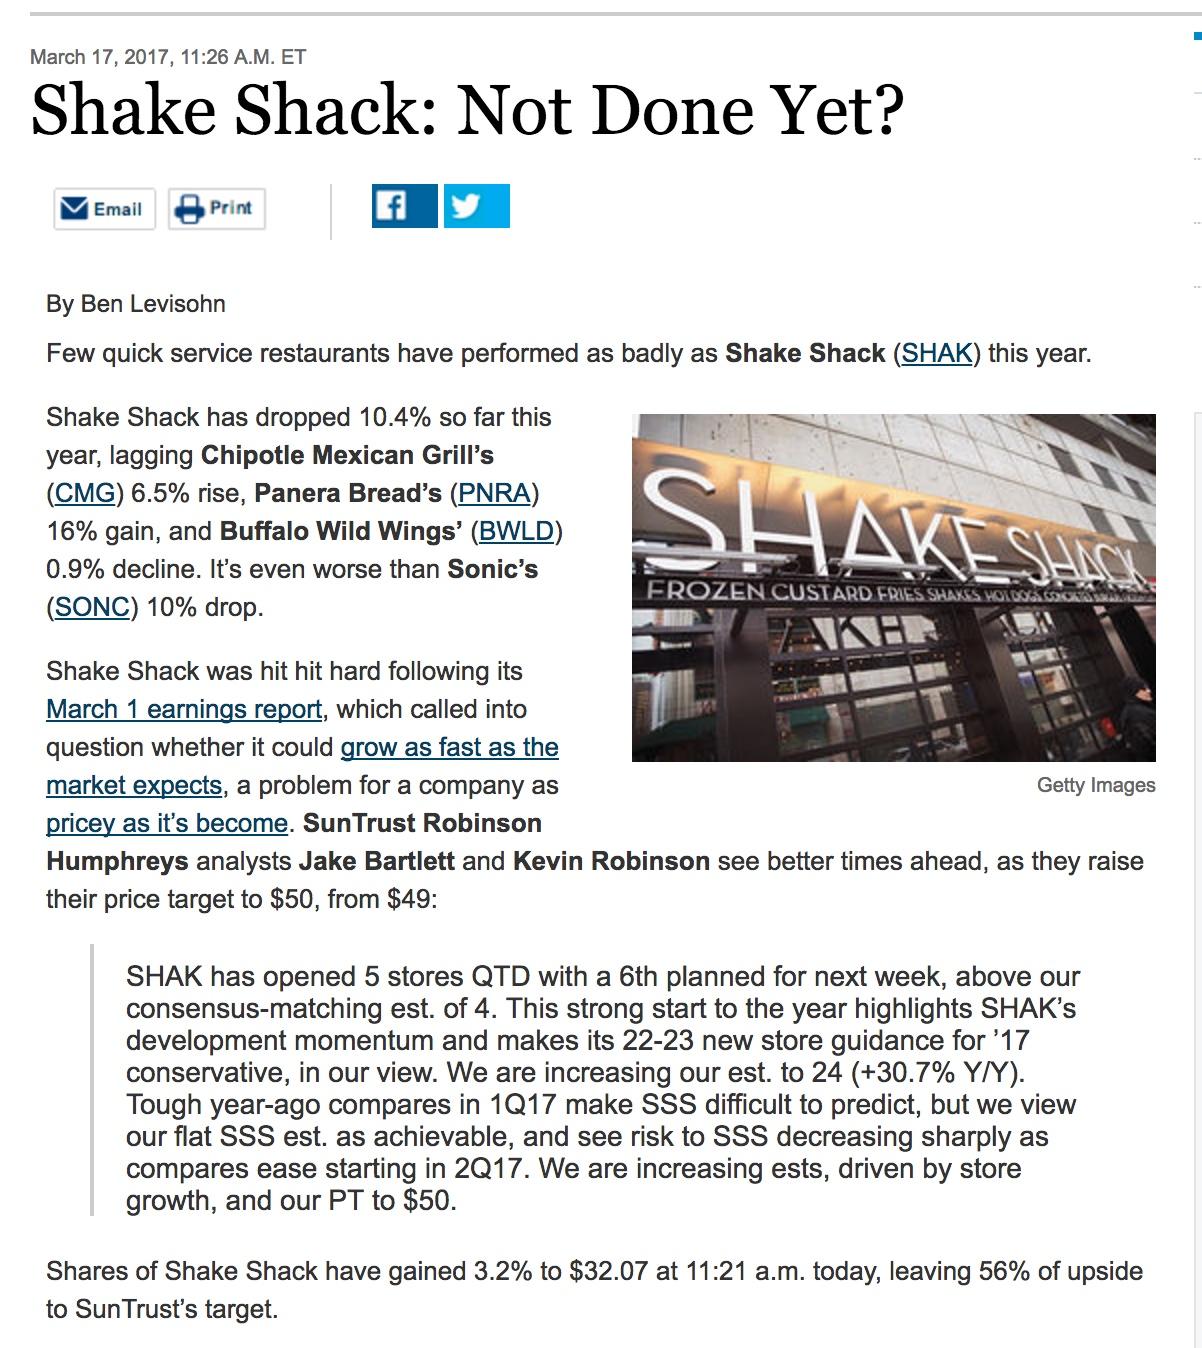 SHAK done?